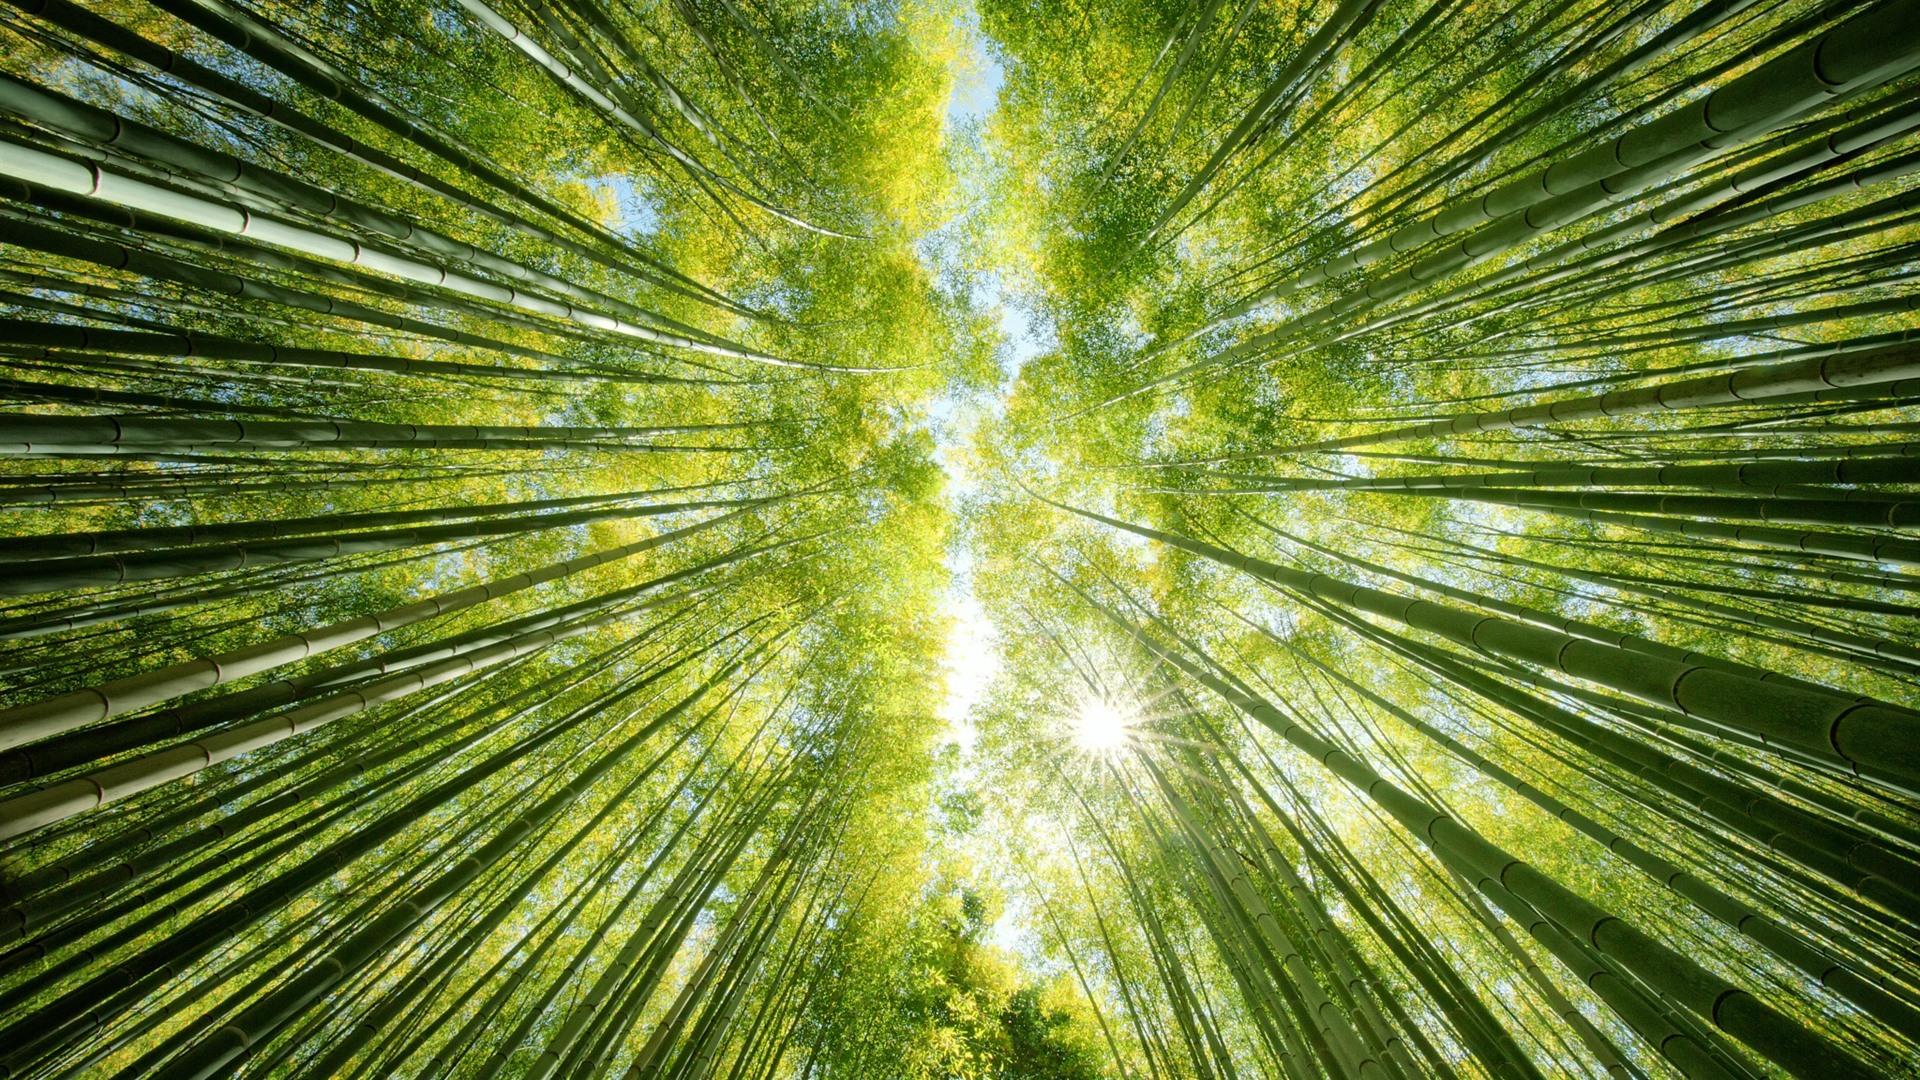 Fonds D Ecran Foret De Bambou Vert Rayons Du Soleil De Vue De Bas 1920x1200 Hd Image